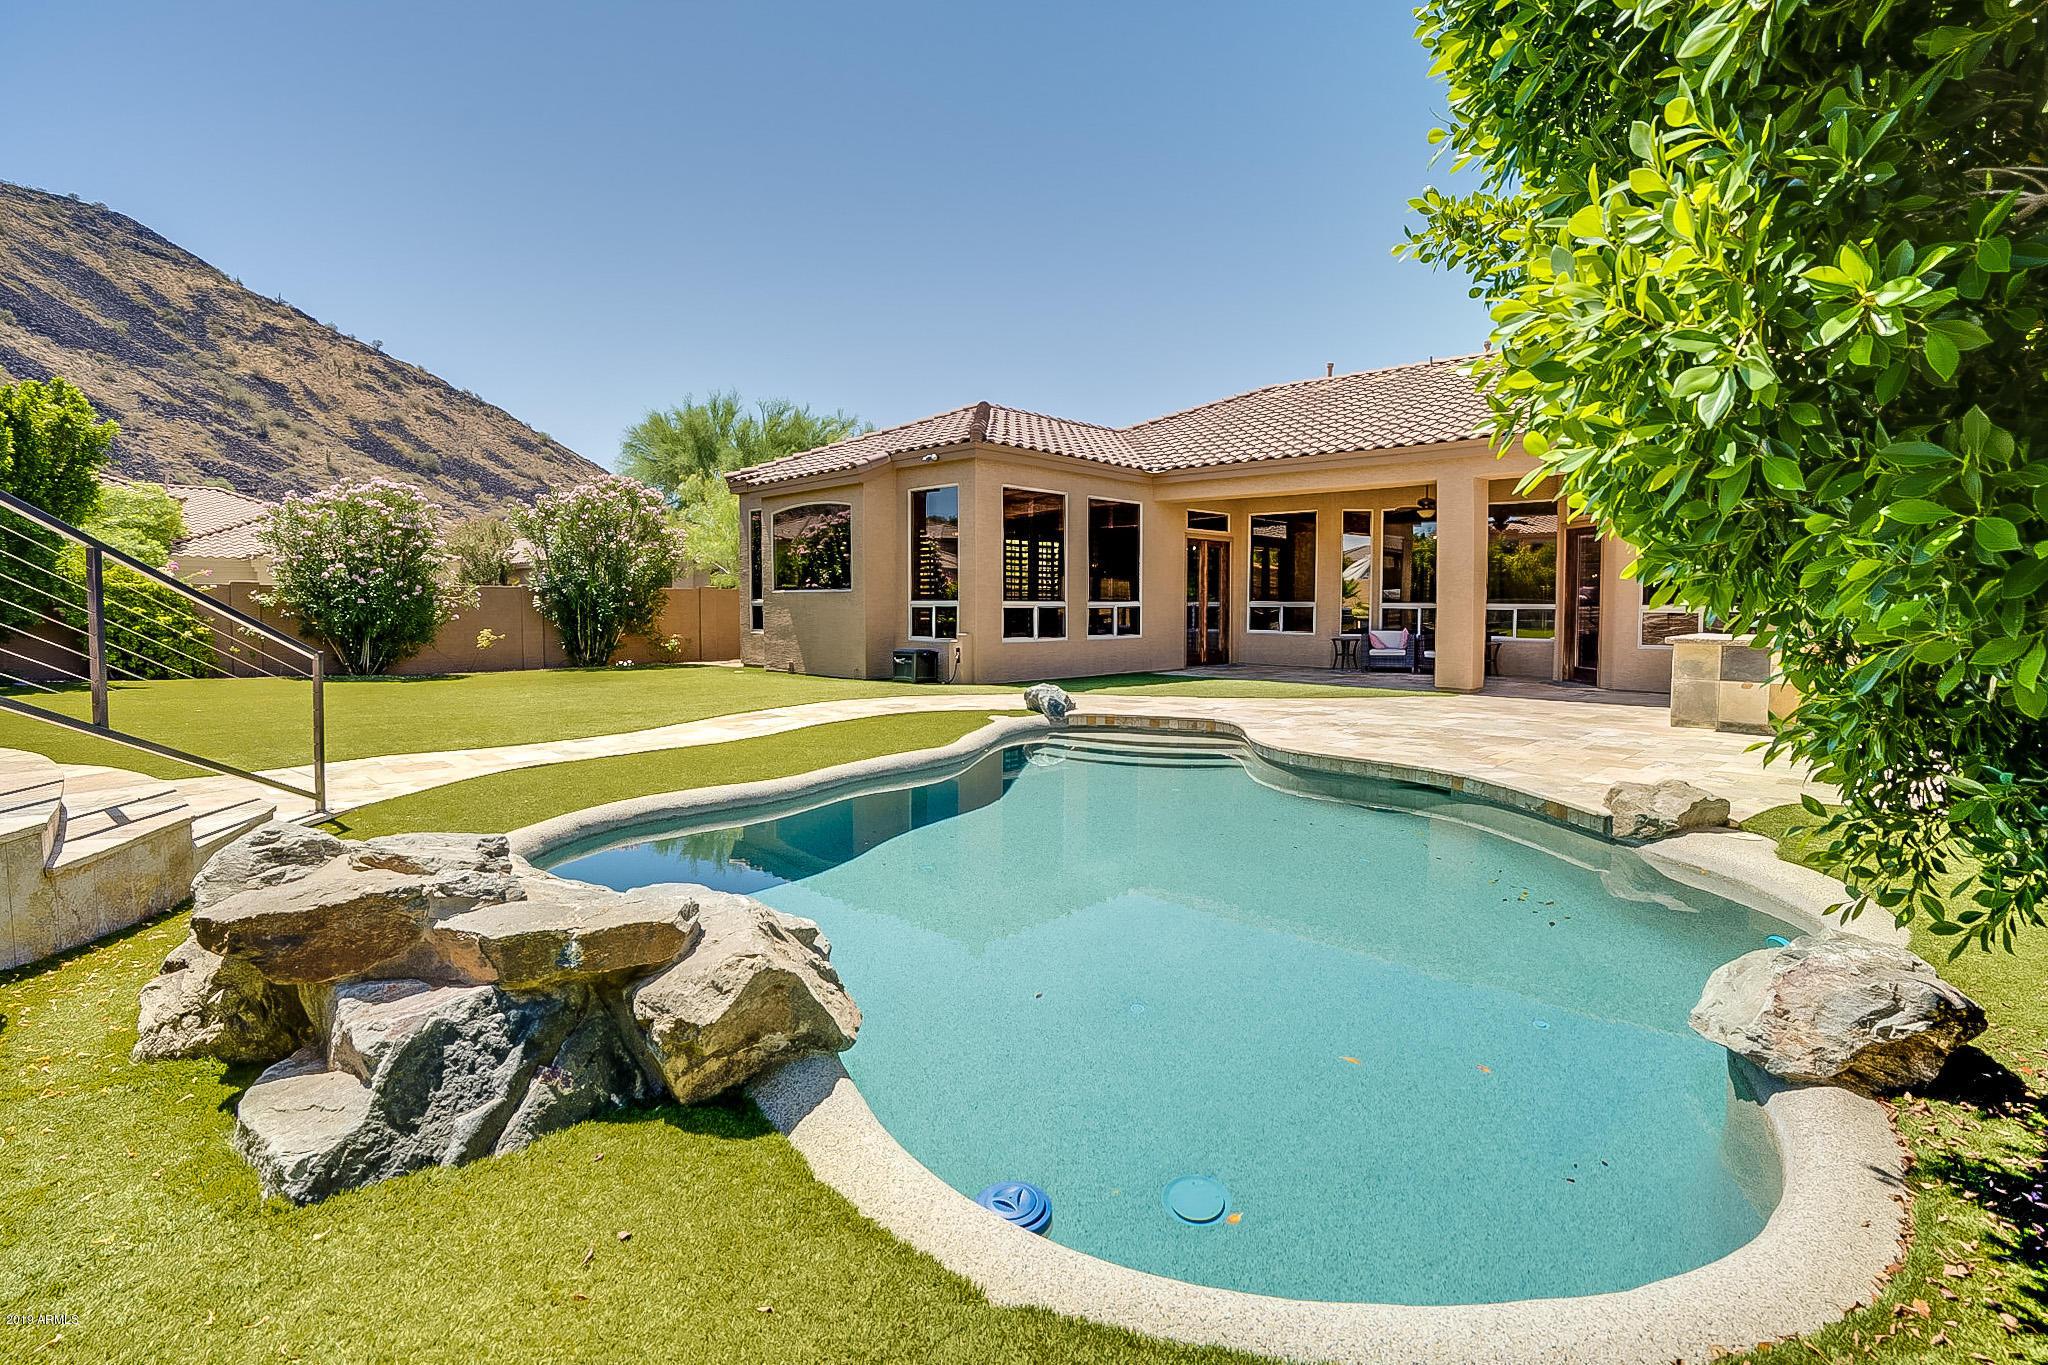 MLS 5950459 13562 E THOROUGHBRED Trail, Scottsdale, AZ 85259 Scottsdale AZ Private Pool